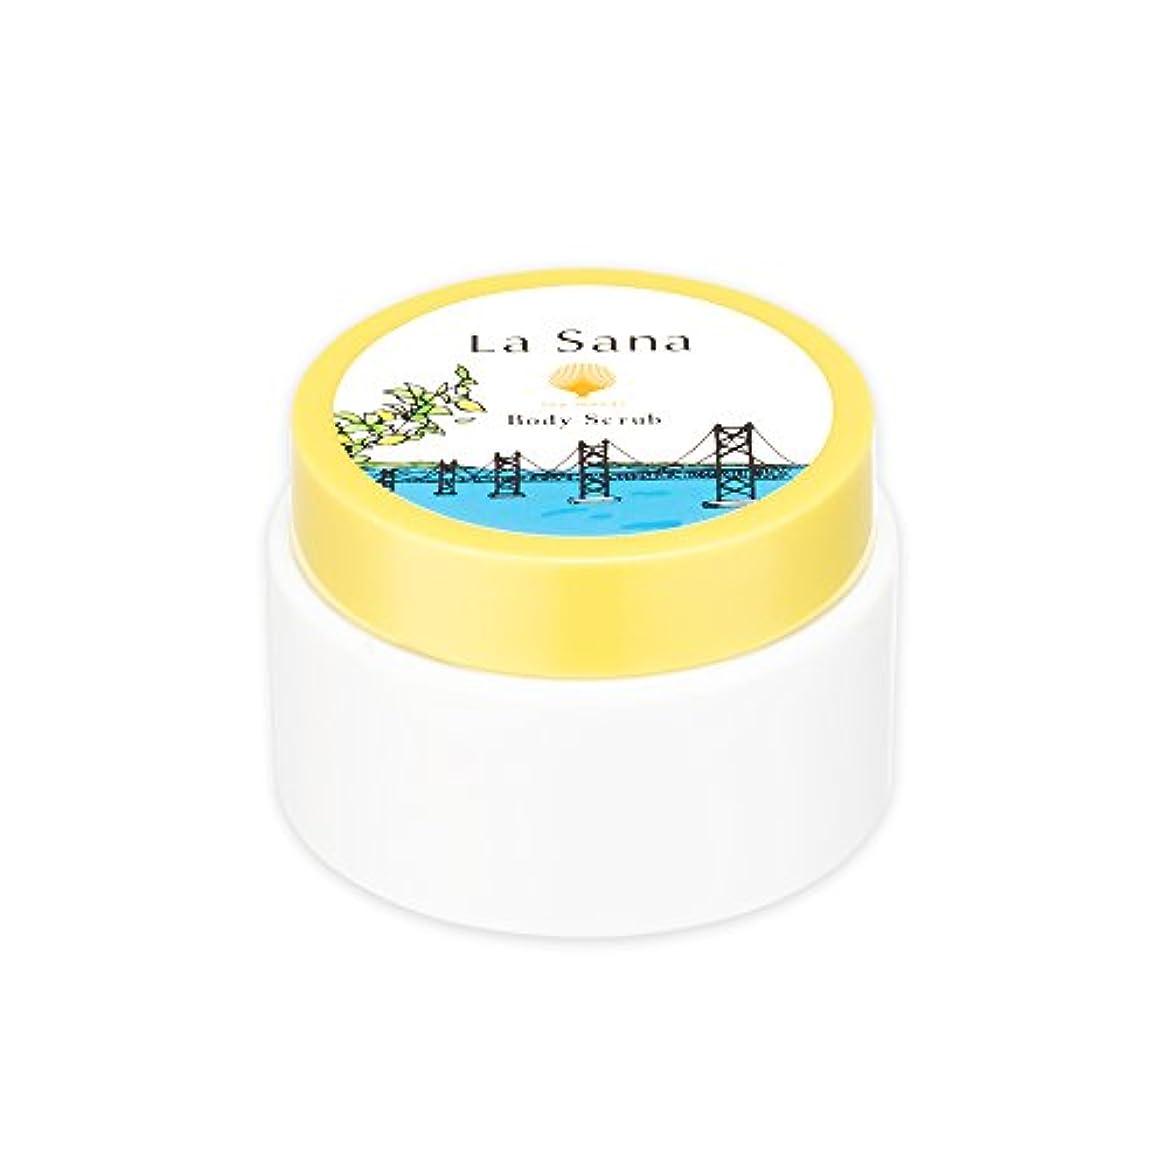 大胆不敵閃光池ラサーナ La sana 海藻 ボディ スクラブ 100g 限定 瀬戸内レモンの香り ボディケア 日本製 (約1ヵ月分)